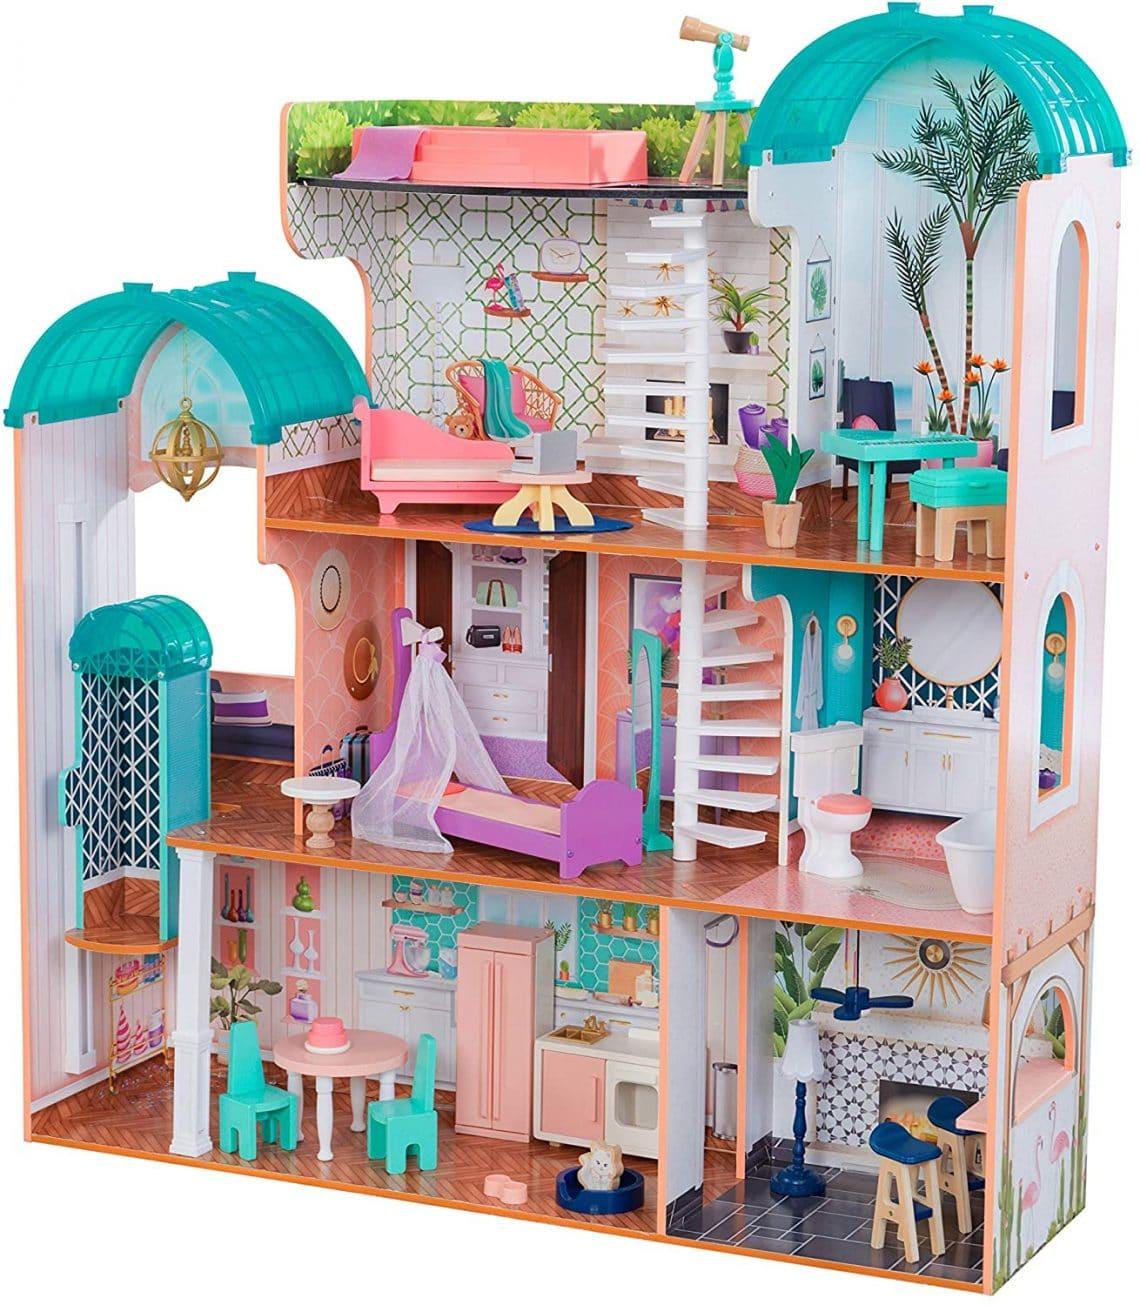 Maison de poupée - modèle CAMILA - marque KIDKRAFT